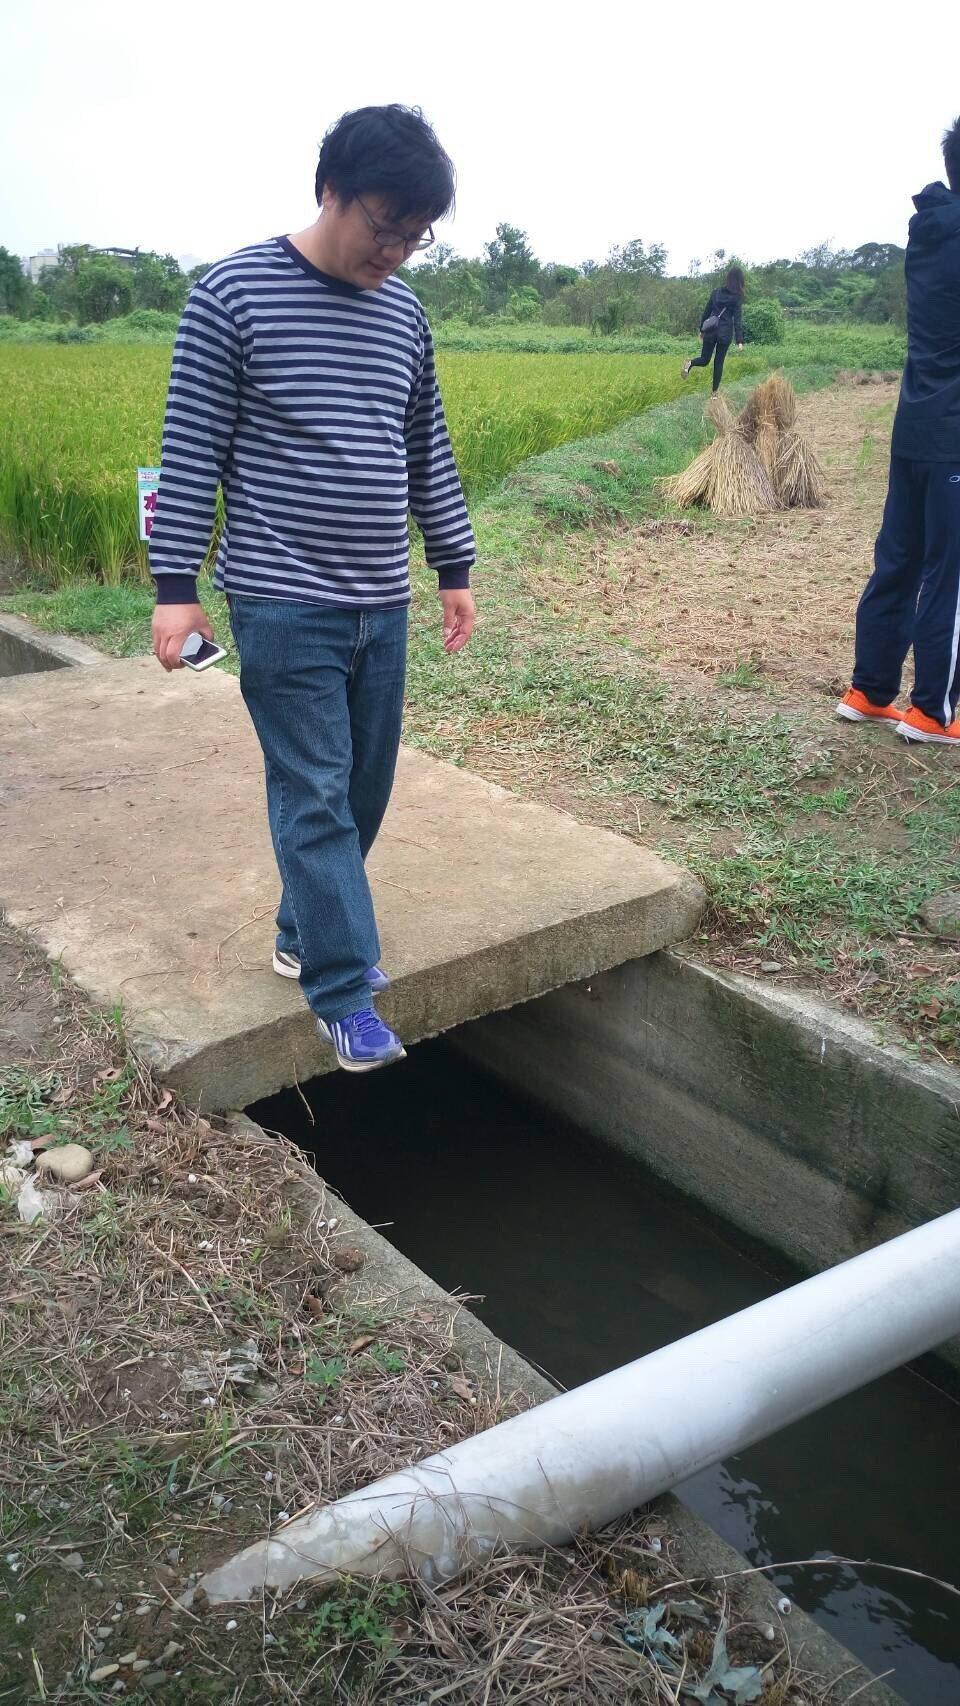 市議員黃敬平認為農業局舉辦的花彩節會場布置不佳,周邊水溝蓋沒有完整覆蓋,容易讓民...